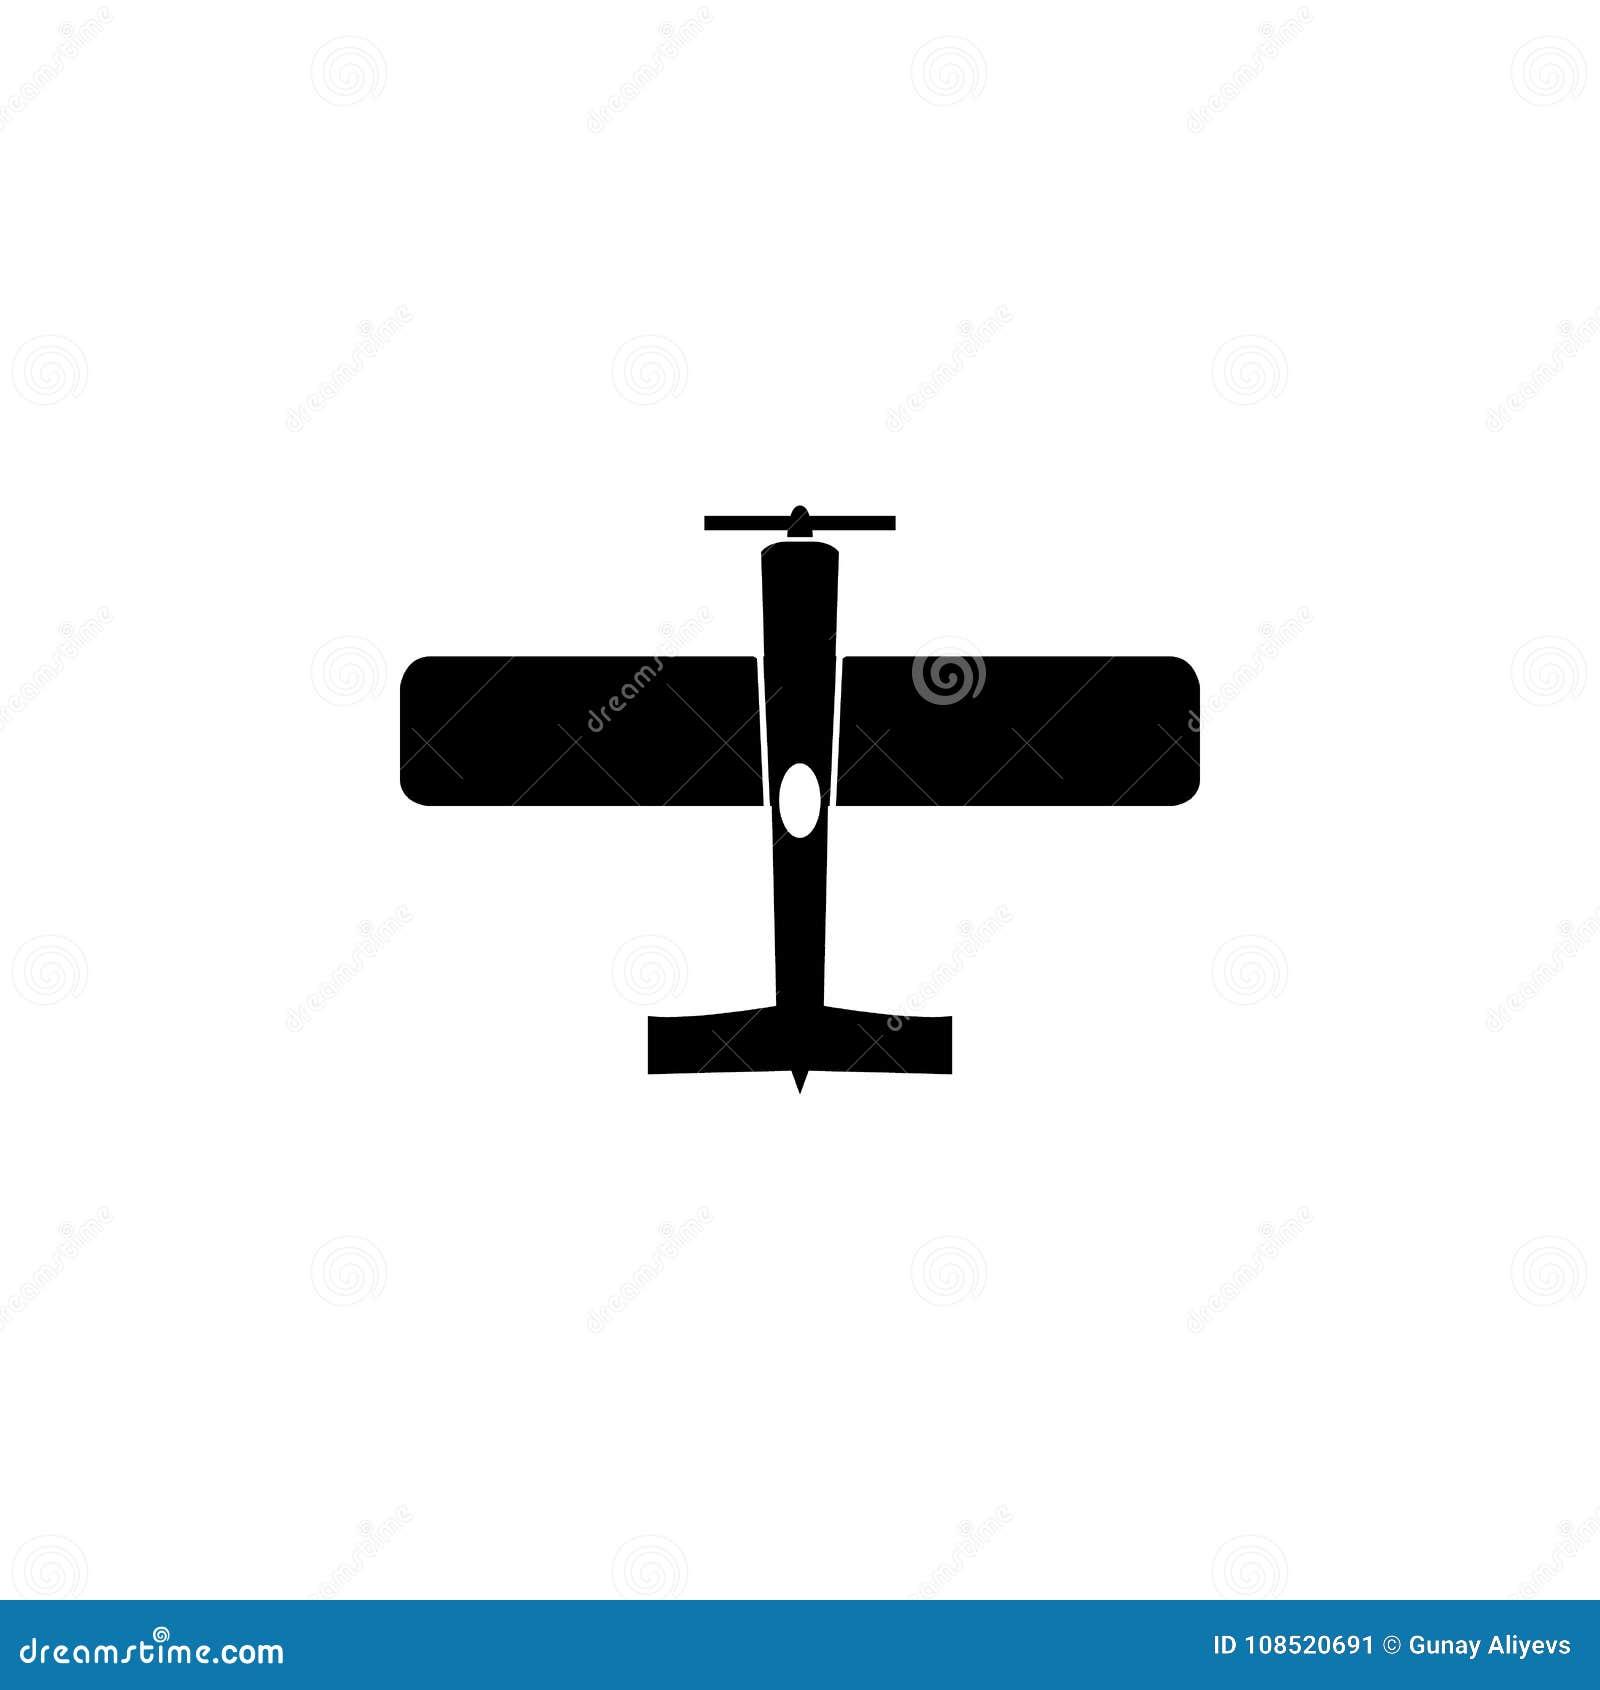 Vintage Airplane Icon Military Aircraft Element Icon Premium